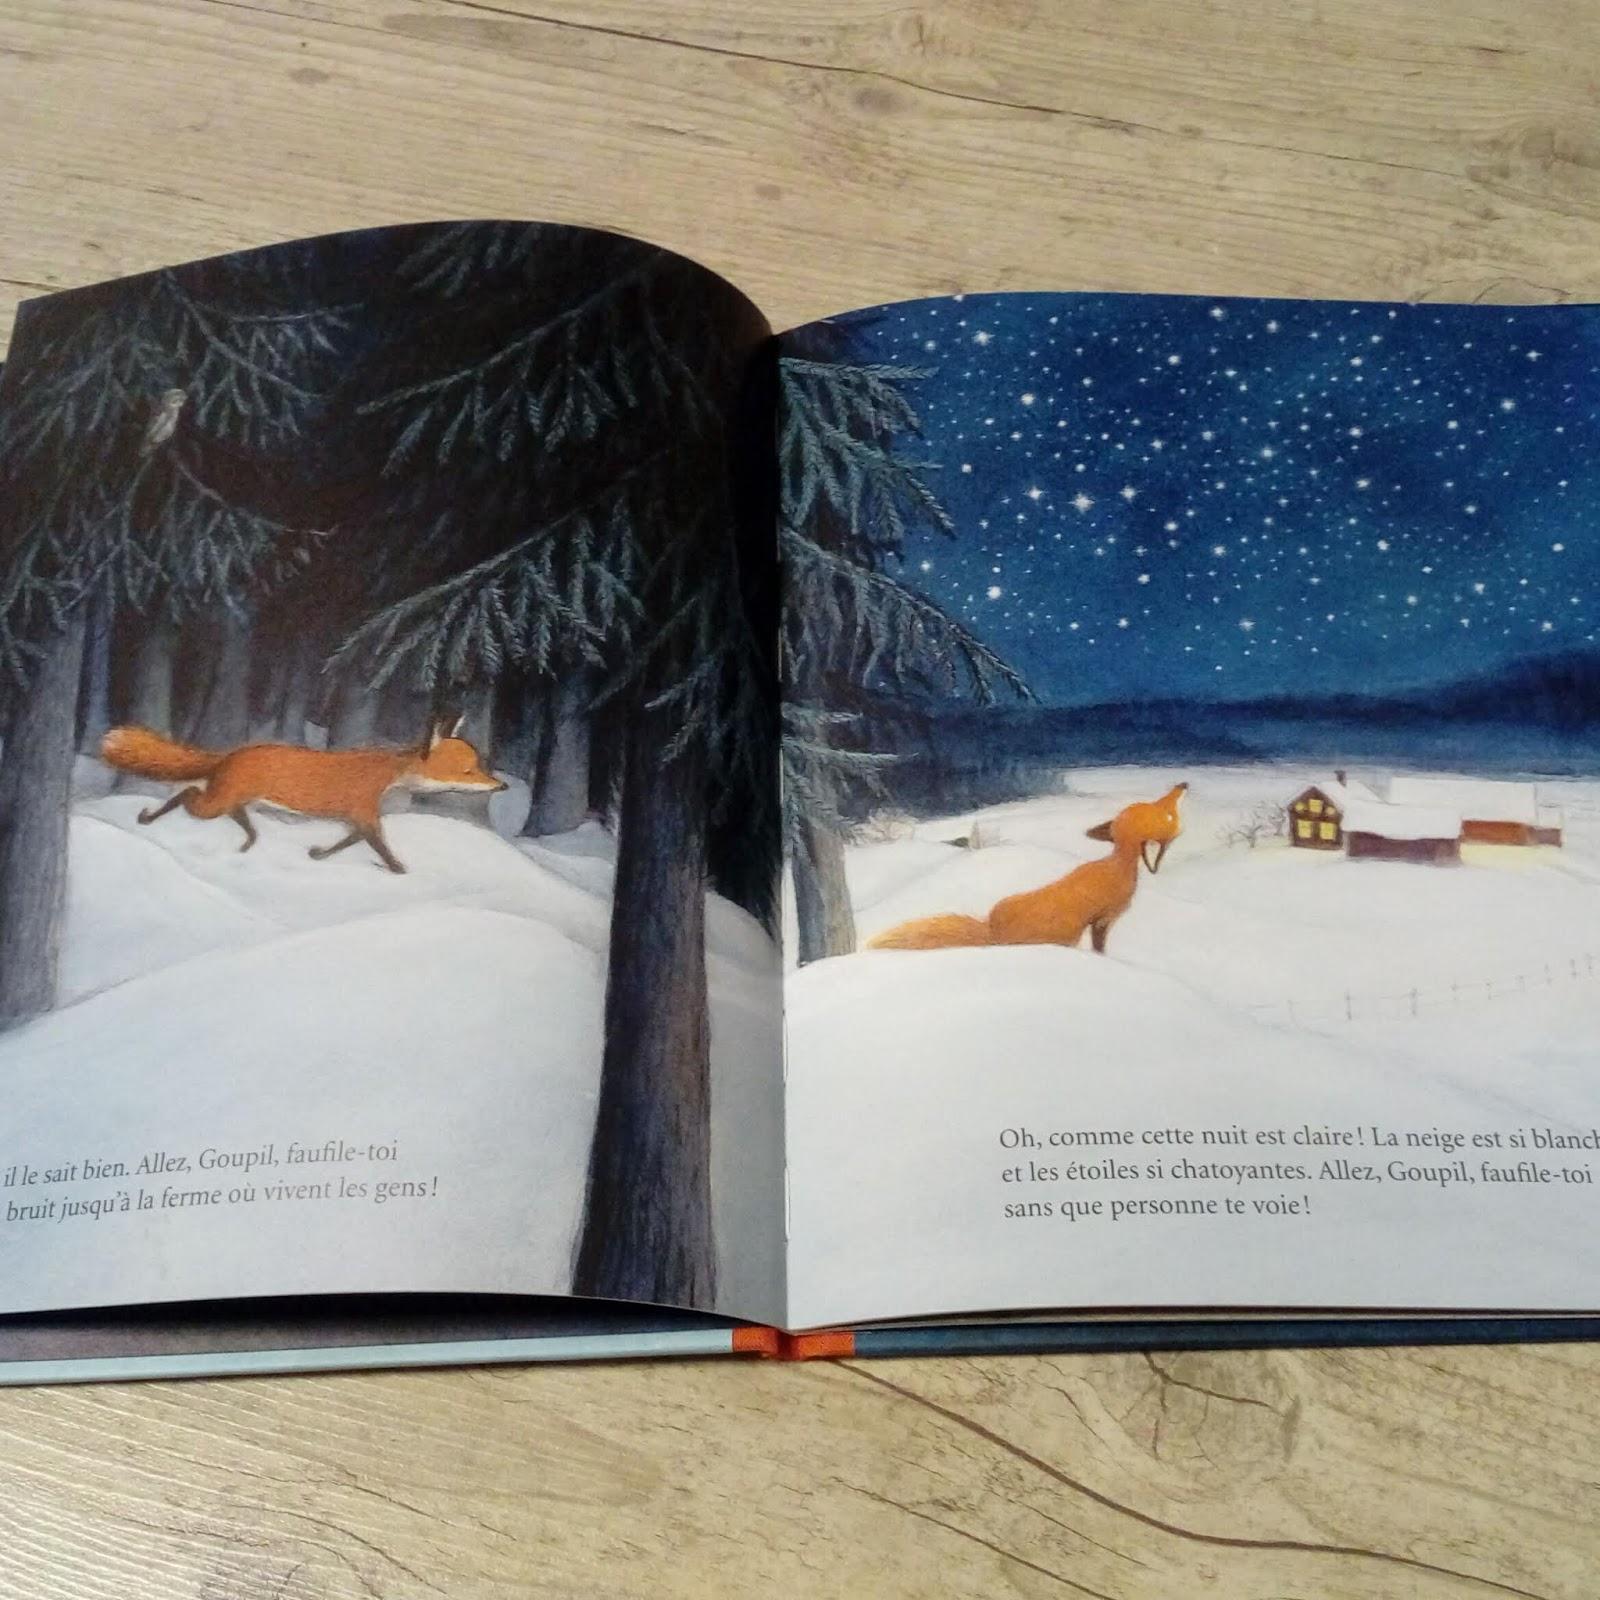 8429e4c4ef467a Un renard se faufile dans la nuit. Il a faim. Il fait froid. Autour de lui,  la nature a revêtu son manteau blanc. Sans un bruit, il s approche de la  ferme ...